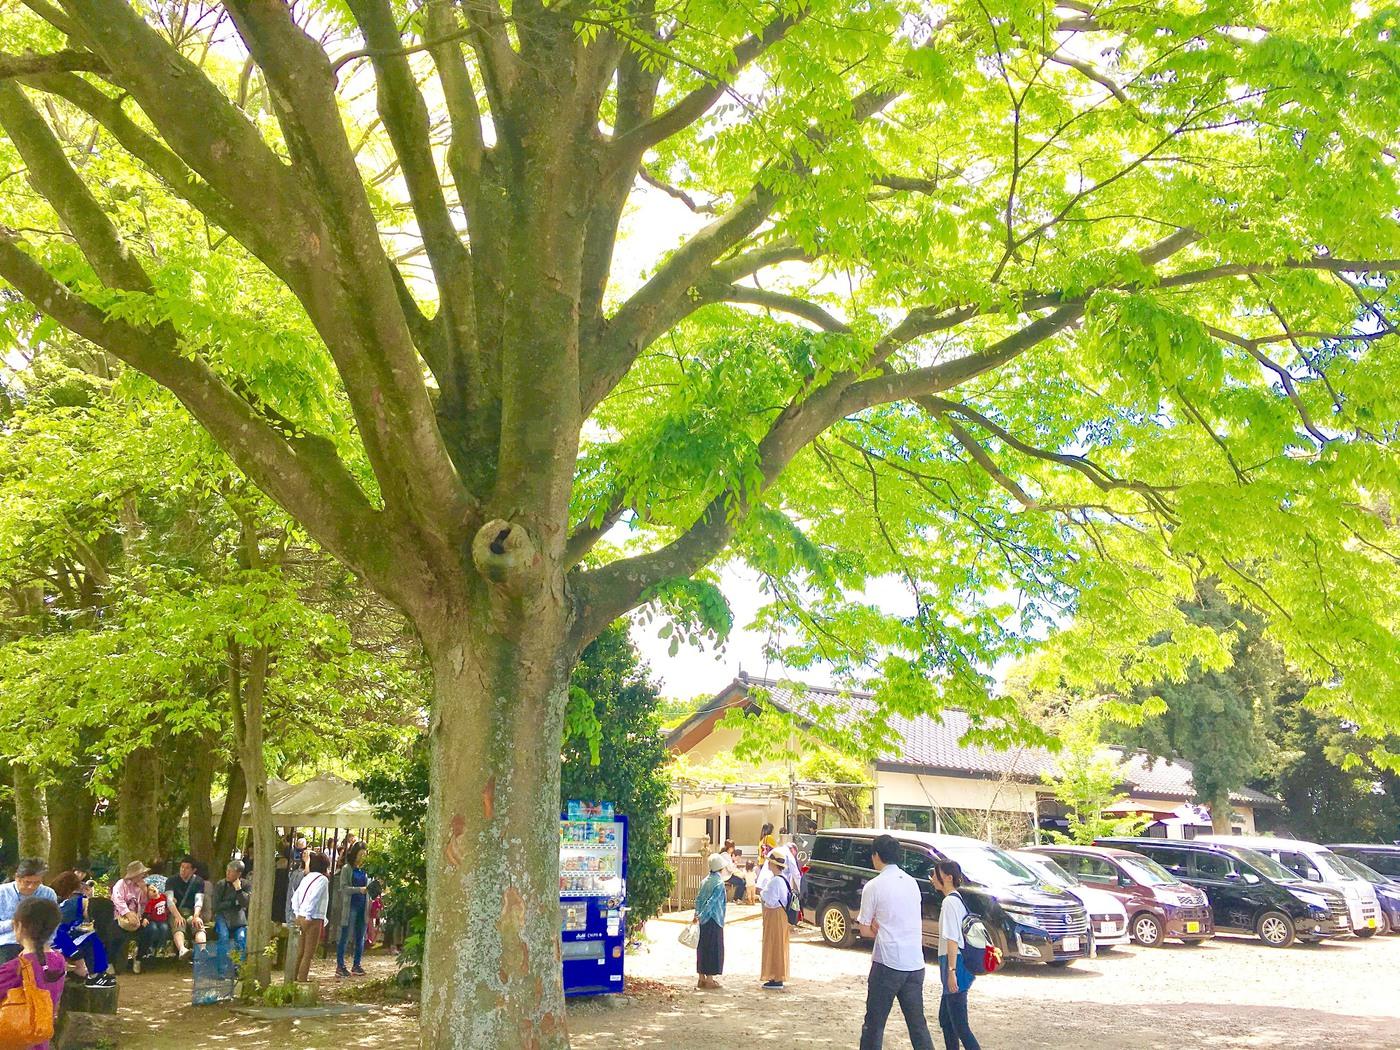 アクアラインから木更津ドライブ♪おすすめスポット4選!の3枚目の画像の画像